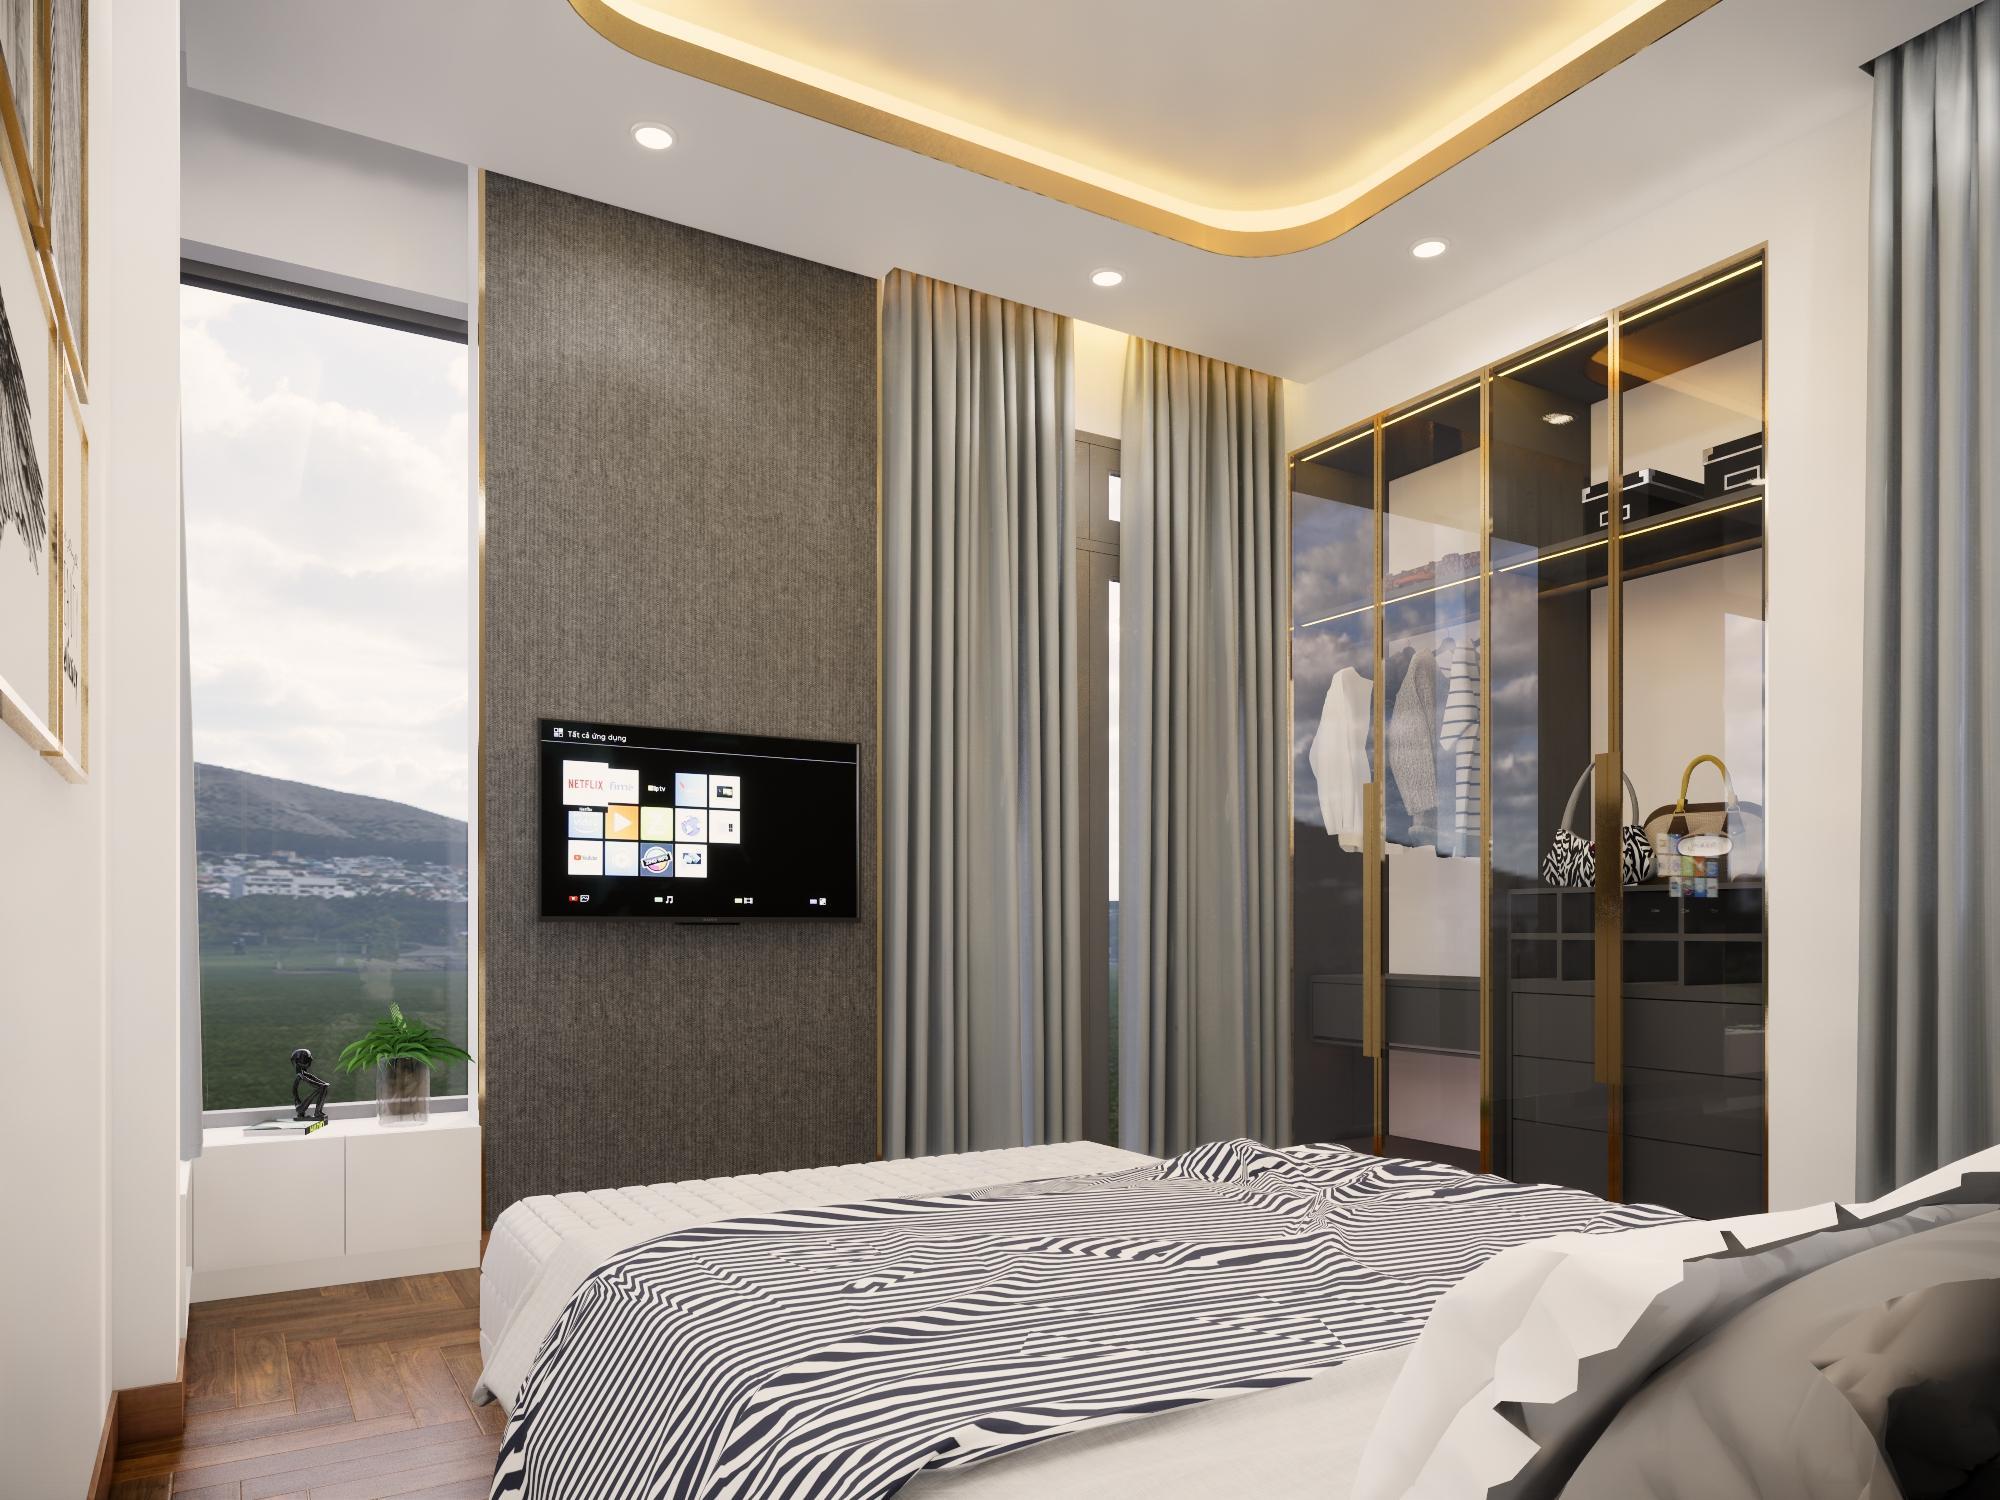 Thiết kế nội thất Nhà tại Bình Thuận NHÀ PHỐ I TRẦN THỊ PHƯƠNG LAN 1574139985 9